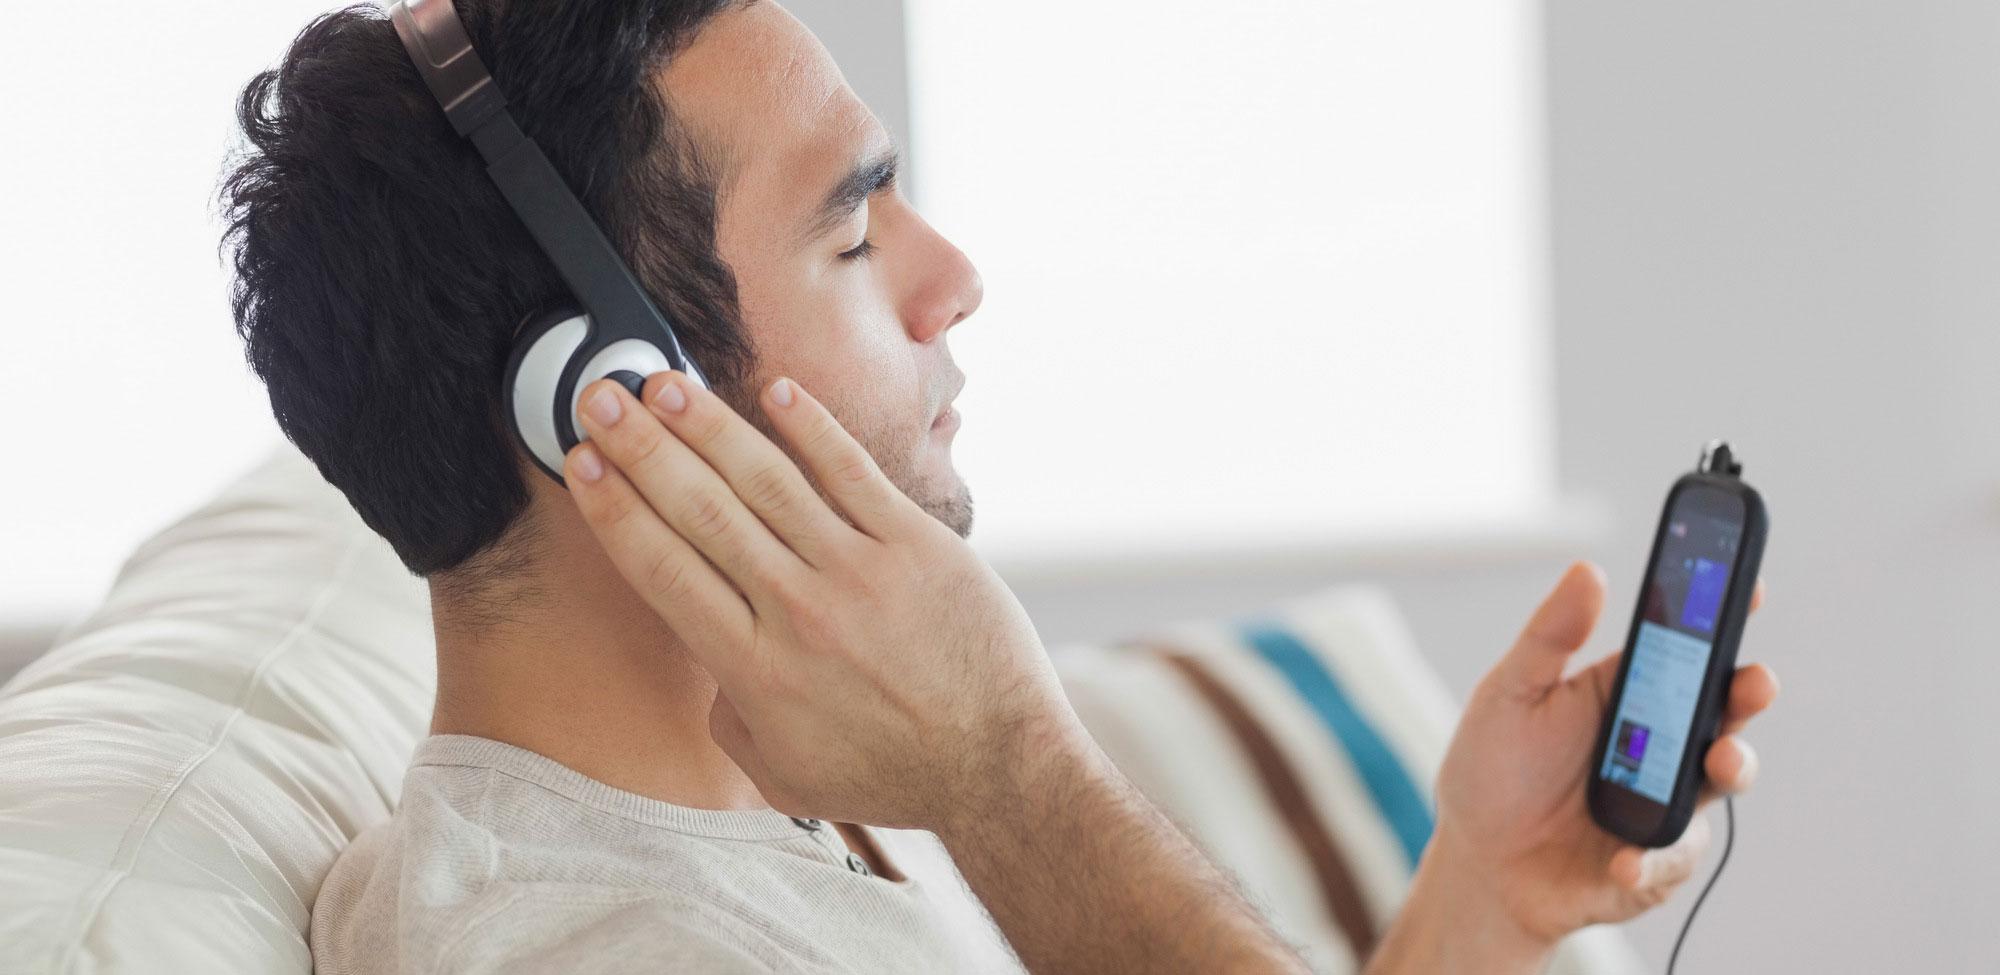 celulares-fones-risco-audicao